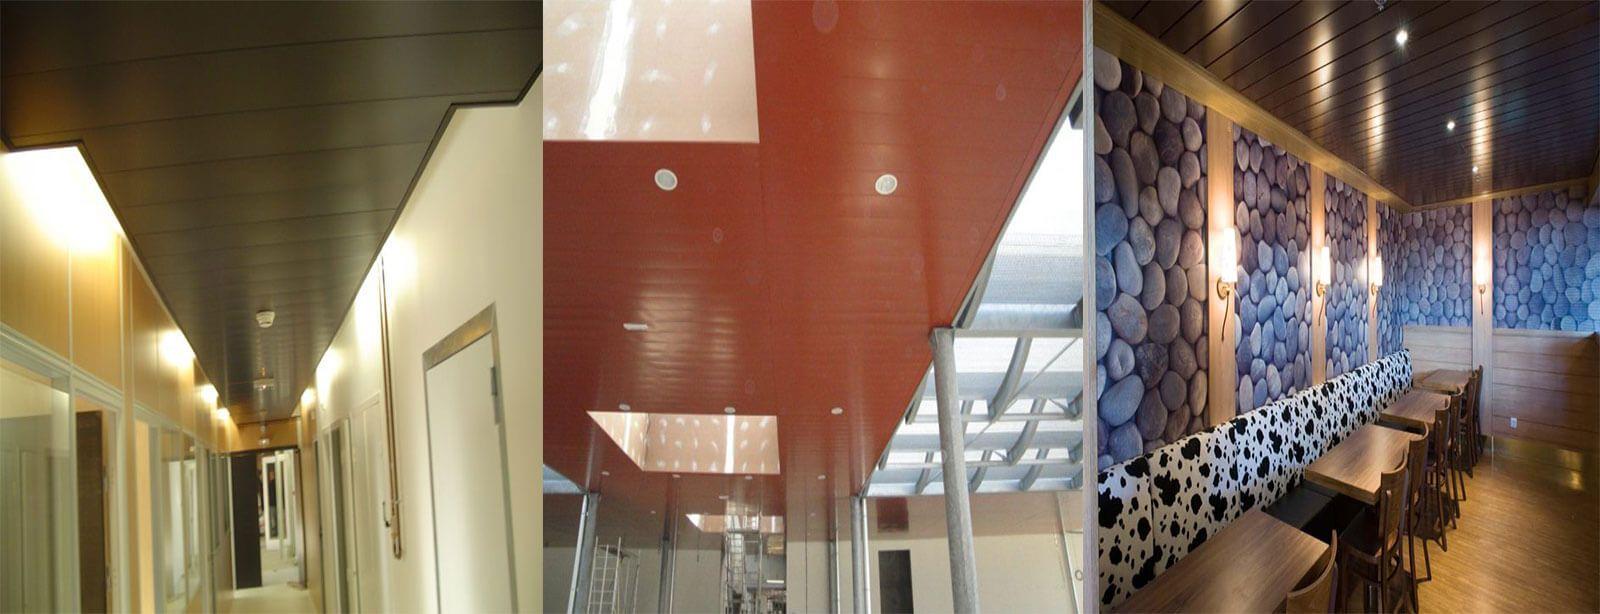 Techos de aluminio en l'Hospitalet de Llobregat